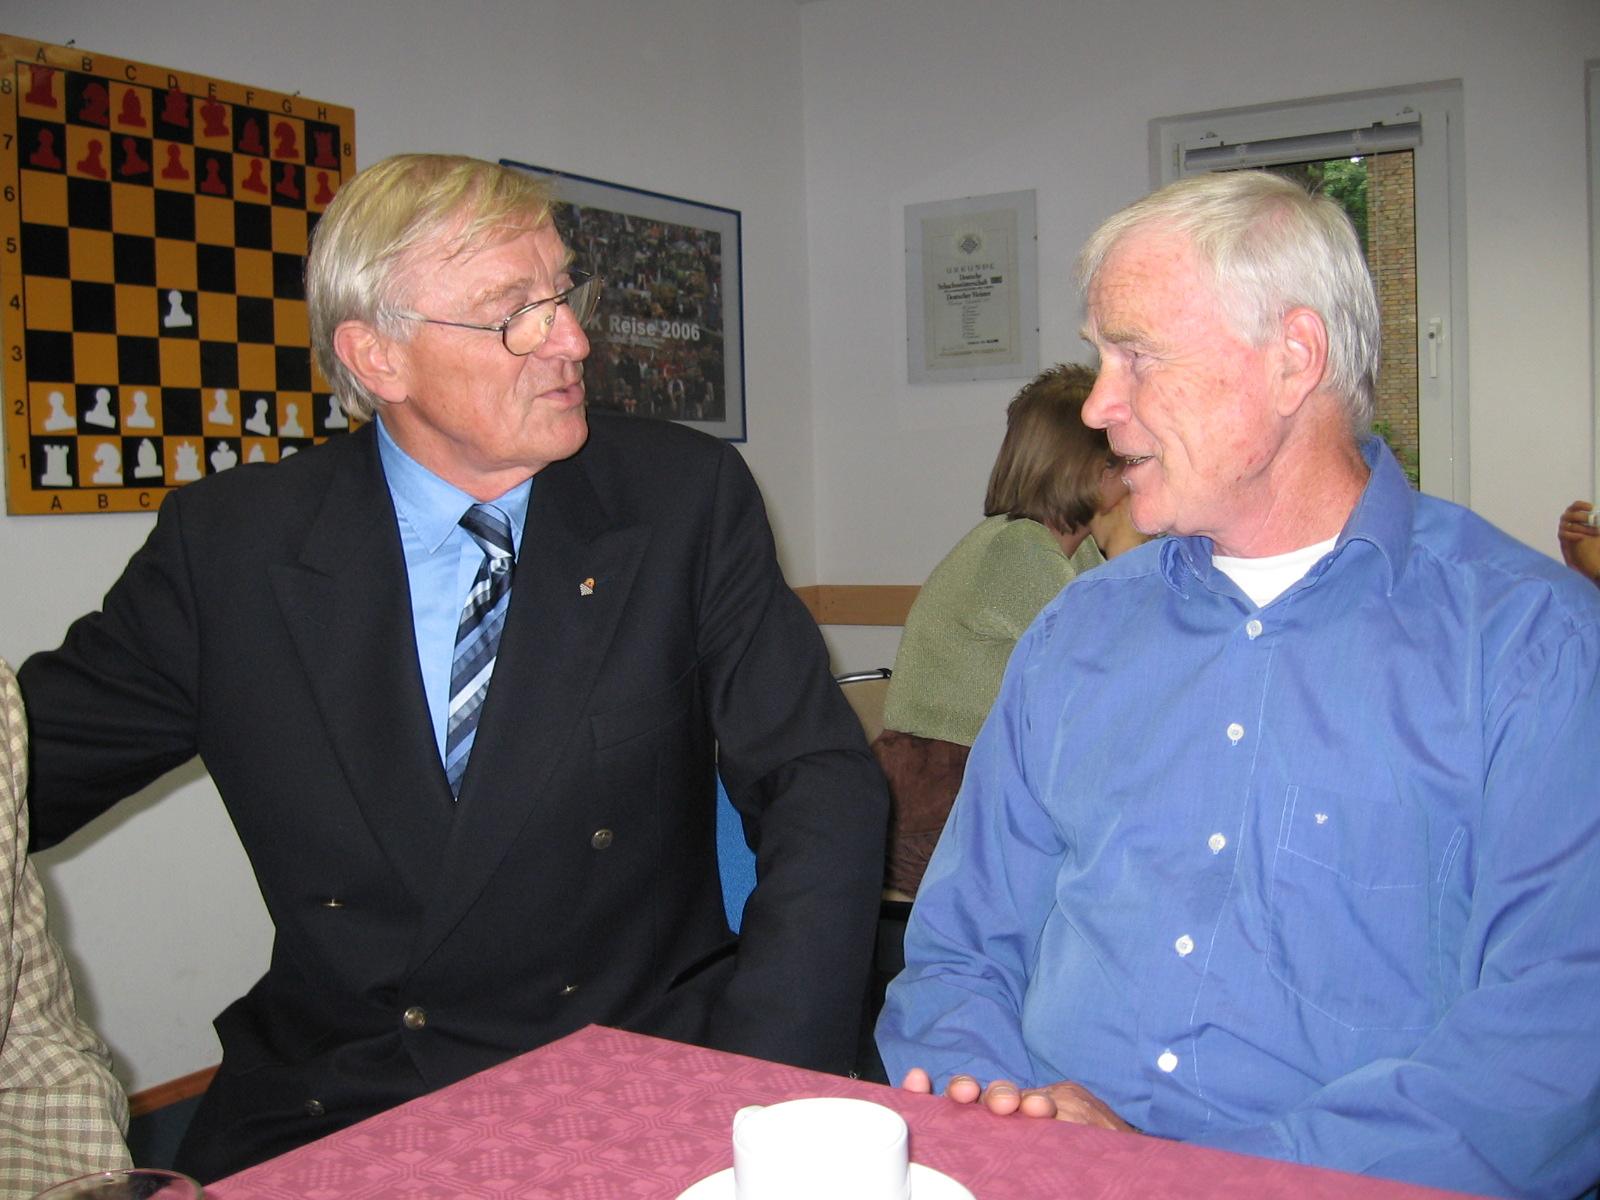 Hans Krieger (li.) und Claus Langmann (re.) | Foto: HSK Archiv